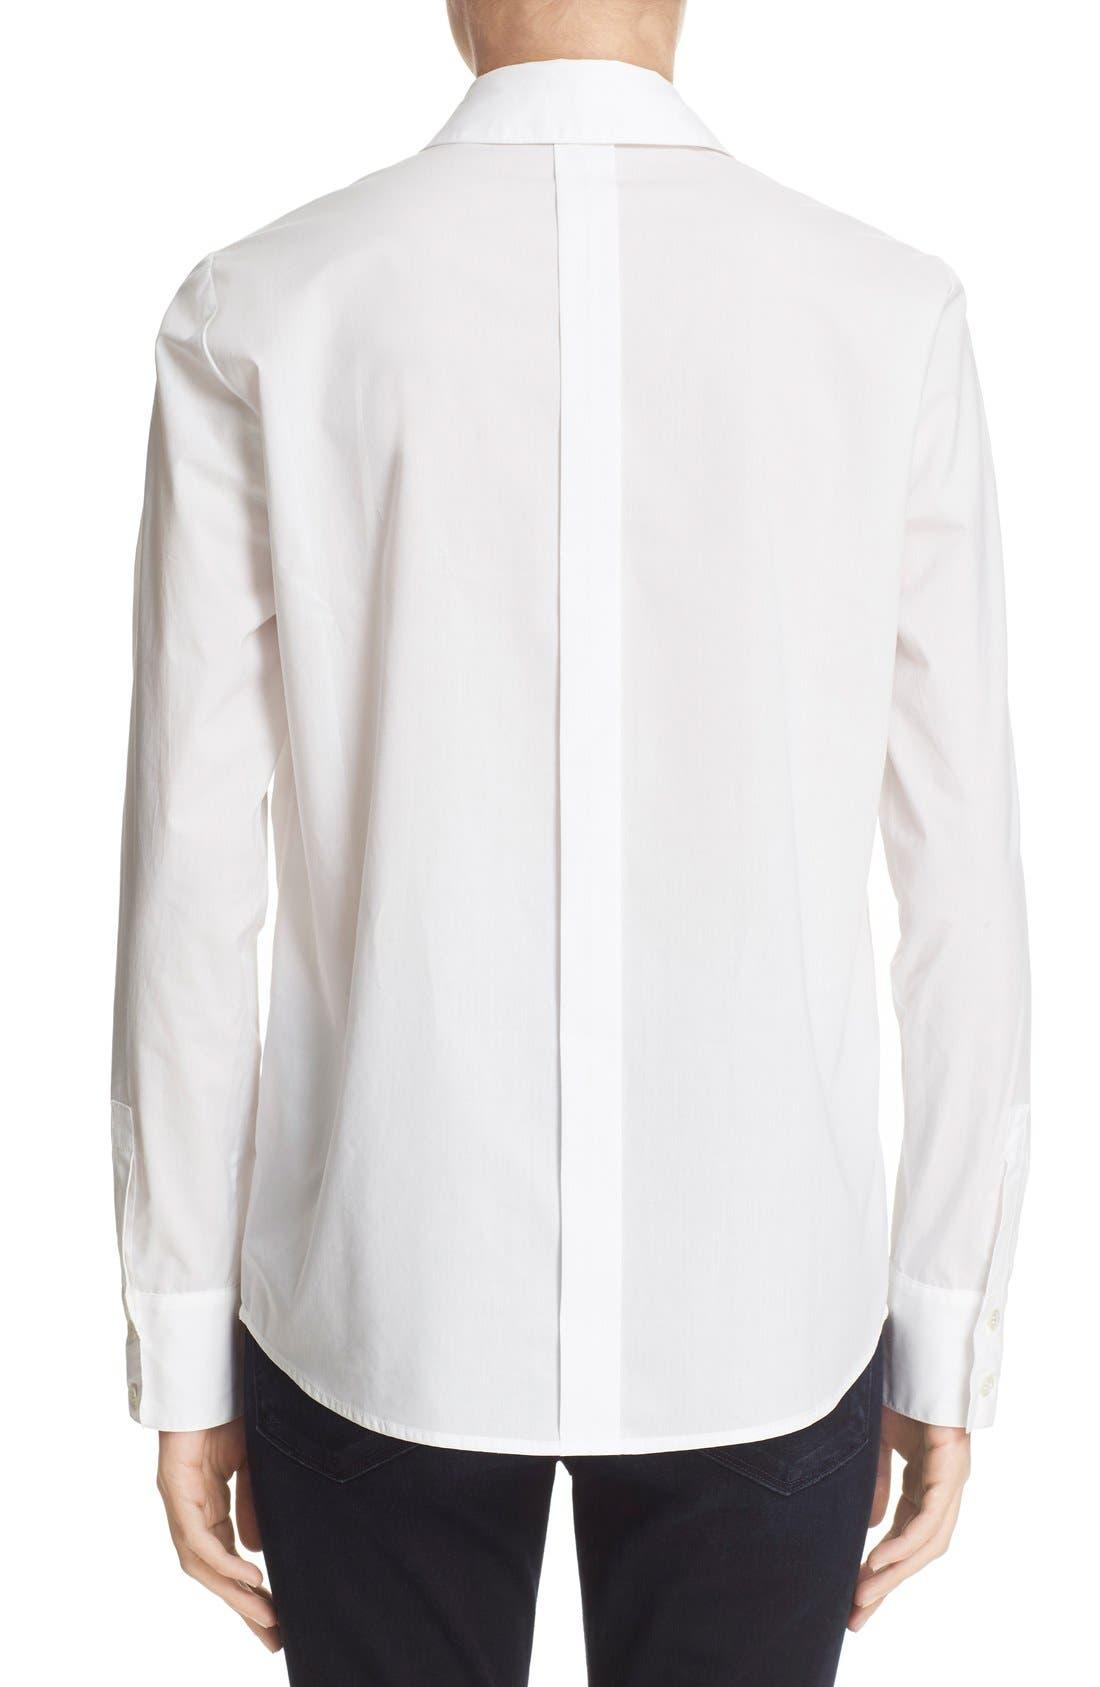 Alternate Image 3  - FRAME 'Le Bowtie' Removable Tie Cotton Poplin Blouse